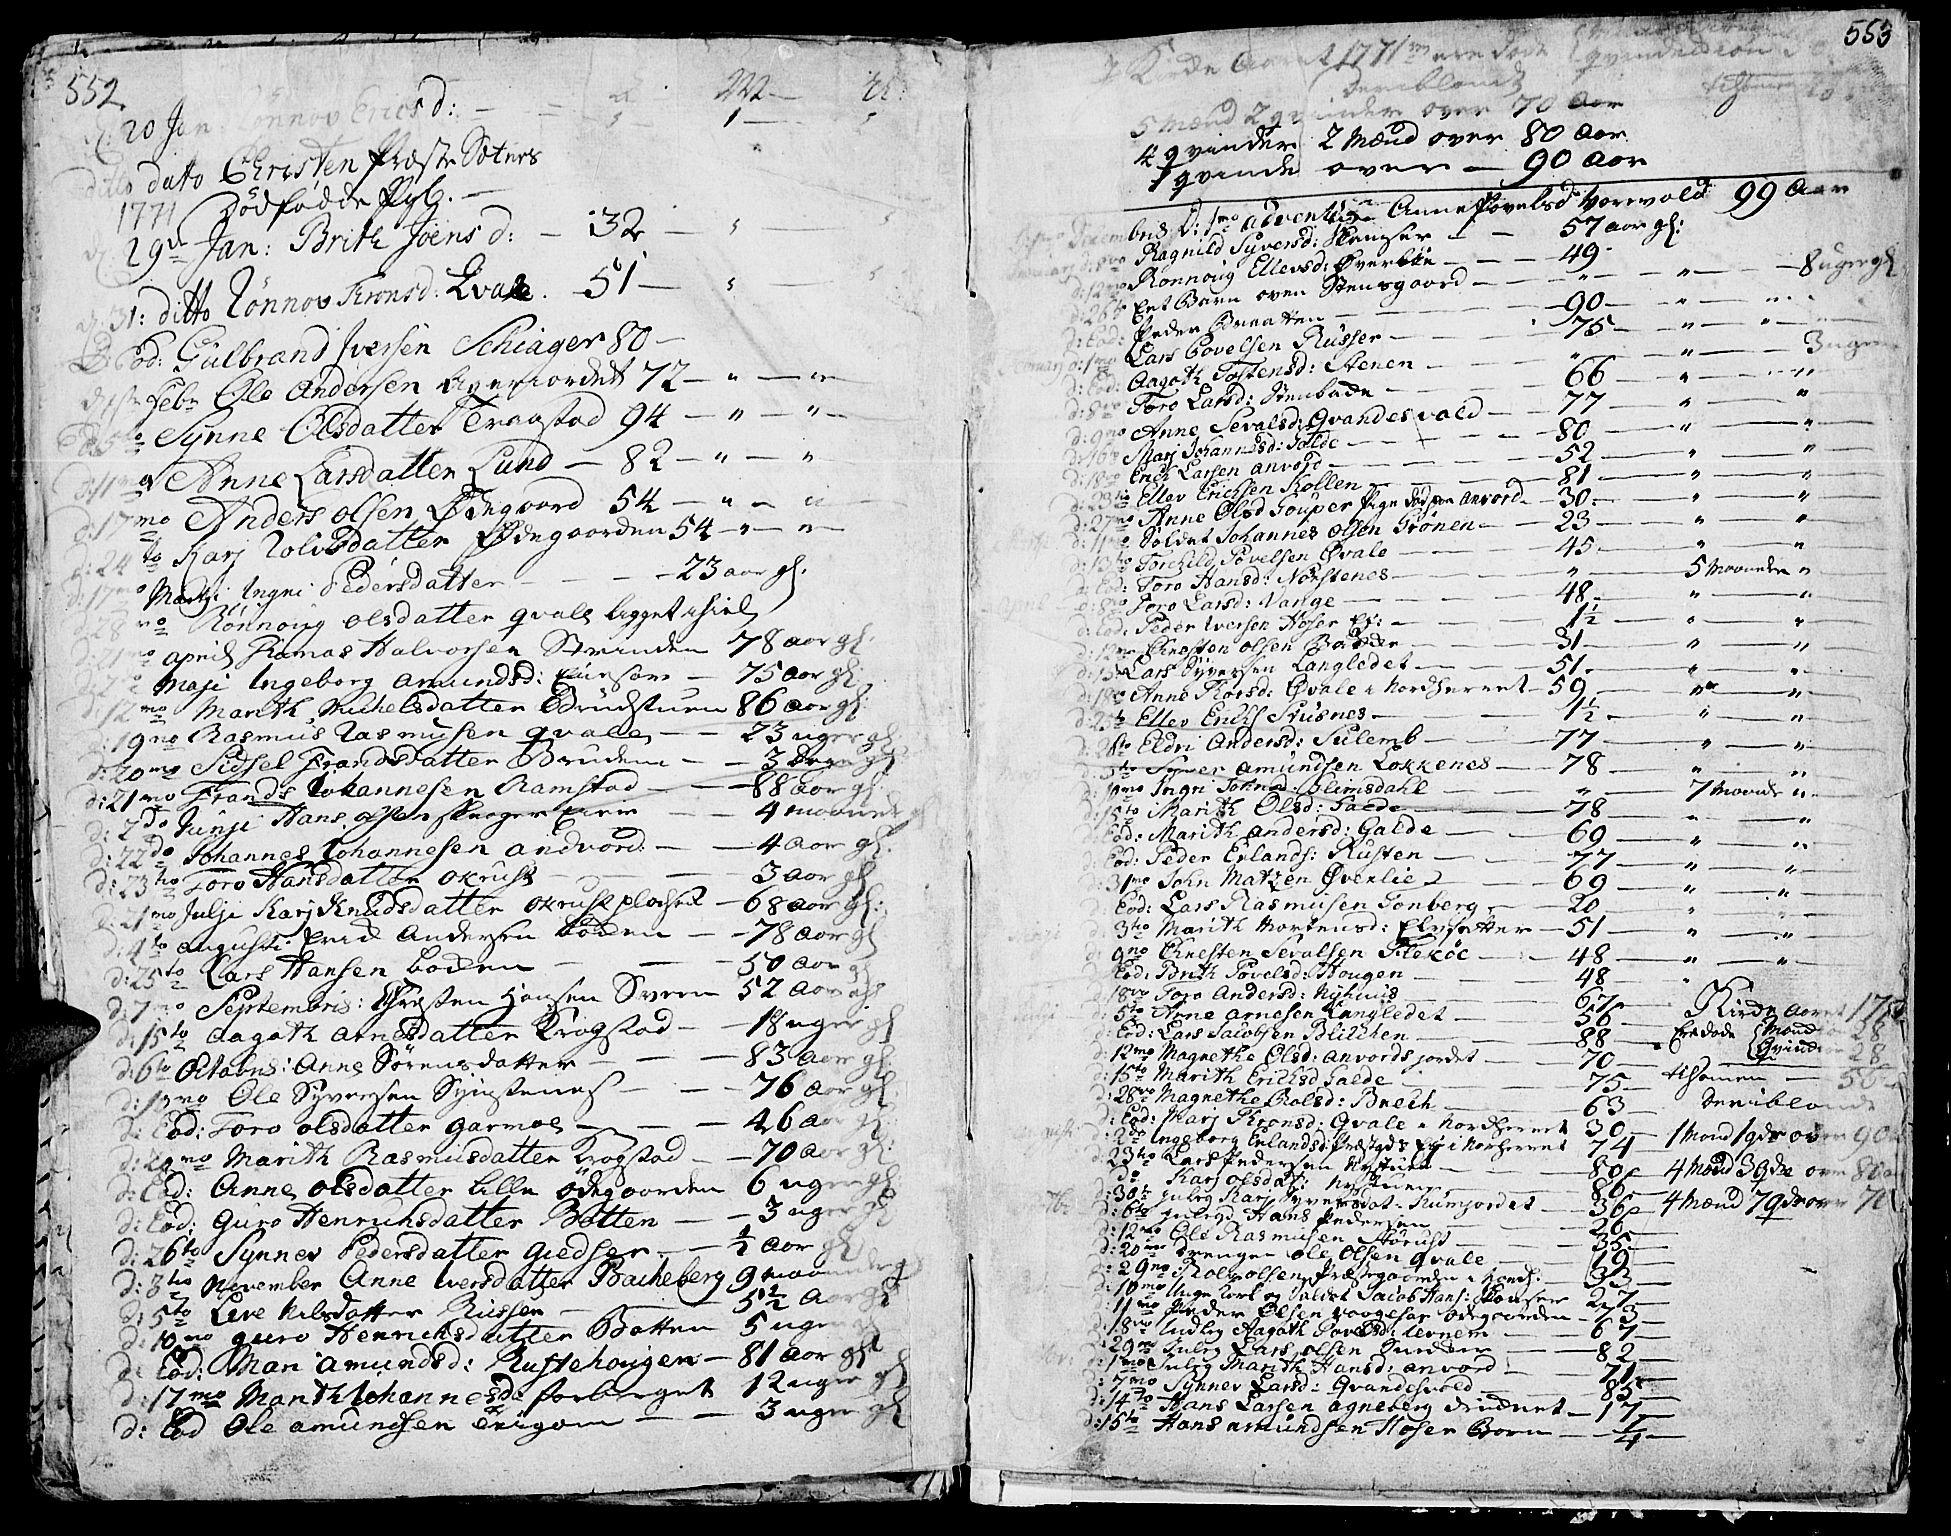 SAH, Lom prestekontor, K/L0002: Ministerialbok nr. 2, 1749-1801, s. 552-553